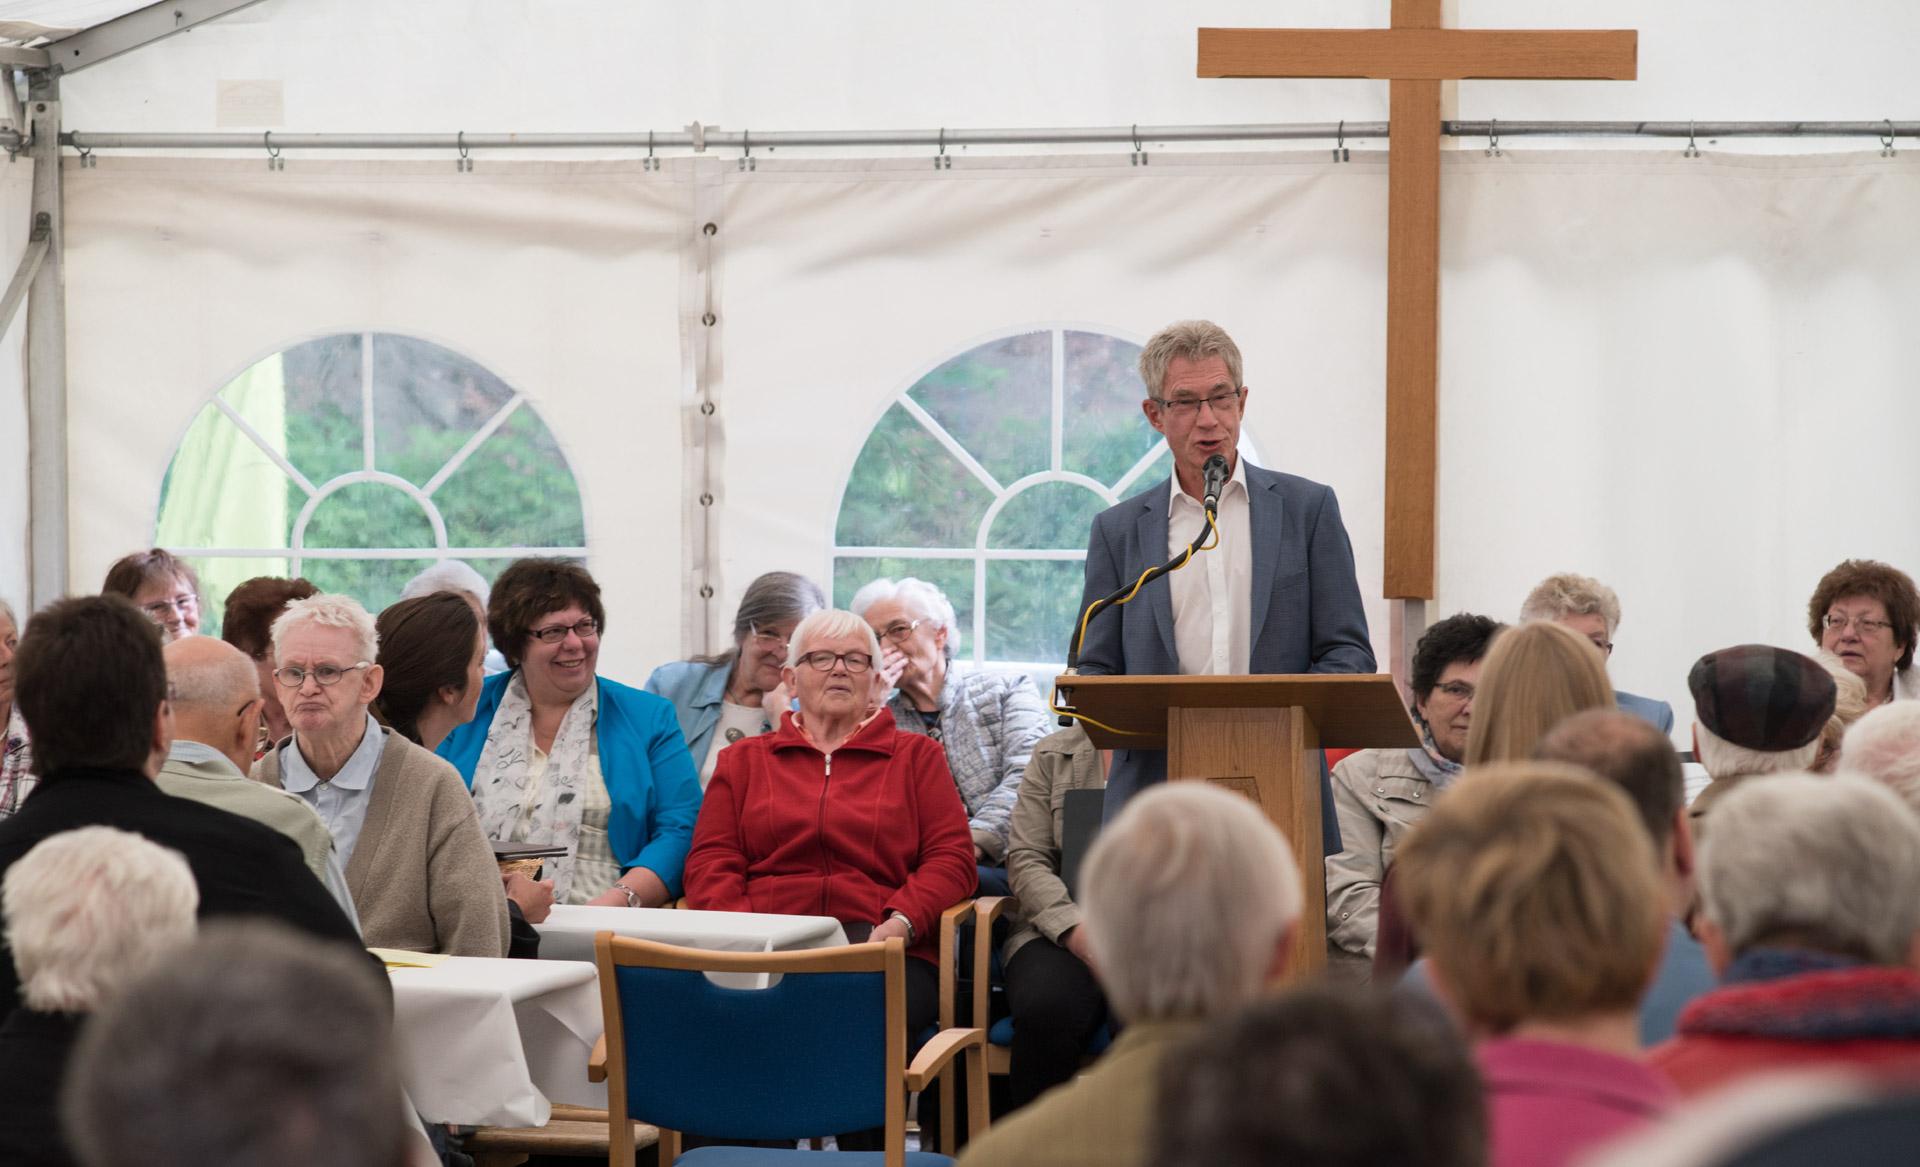 Sommerfest 2016 Begrüßung durch Seniorenheimbetreiber Reinhard Diedrich